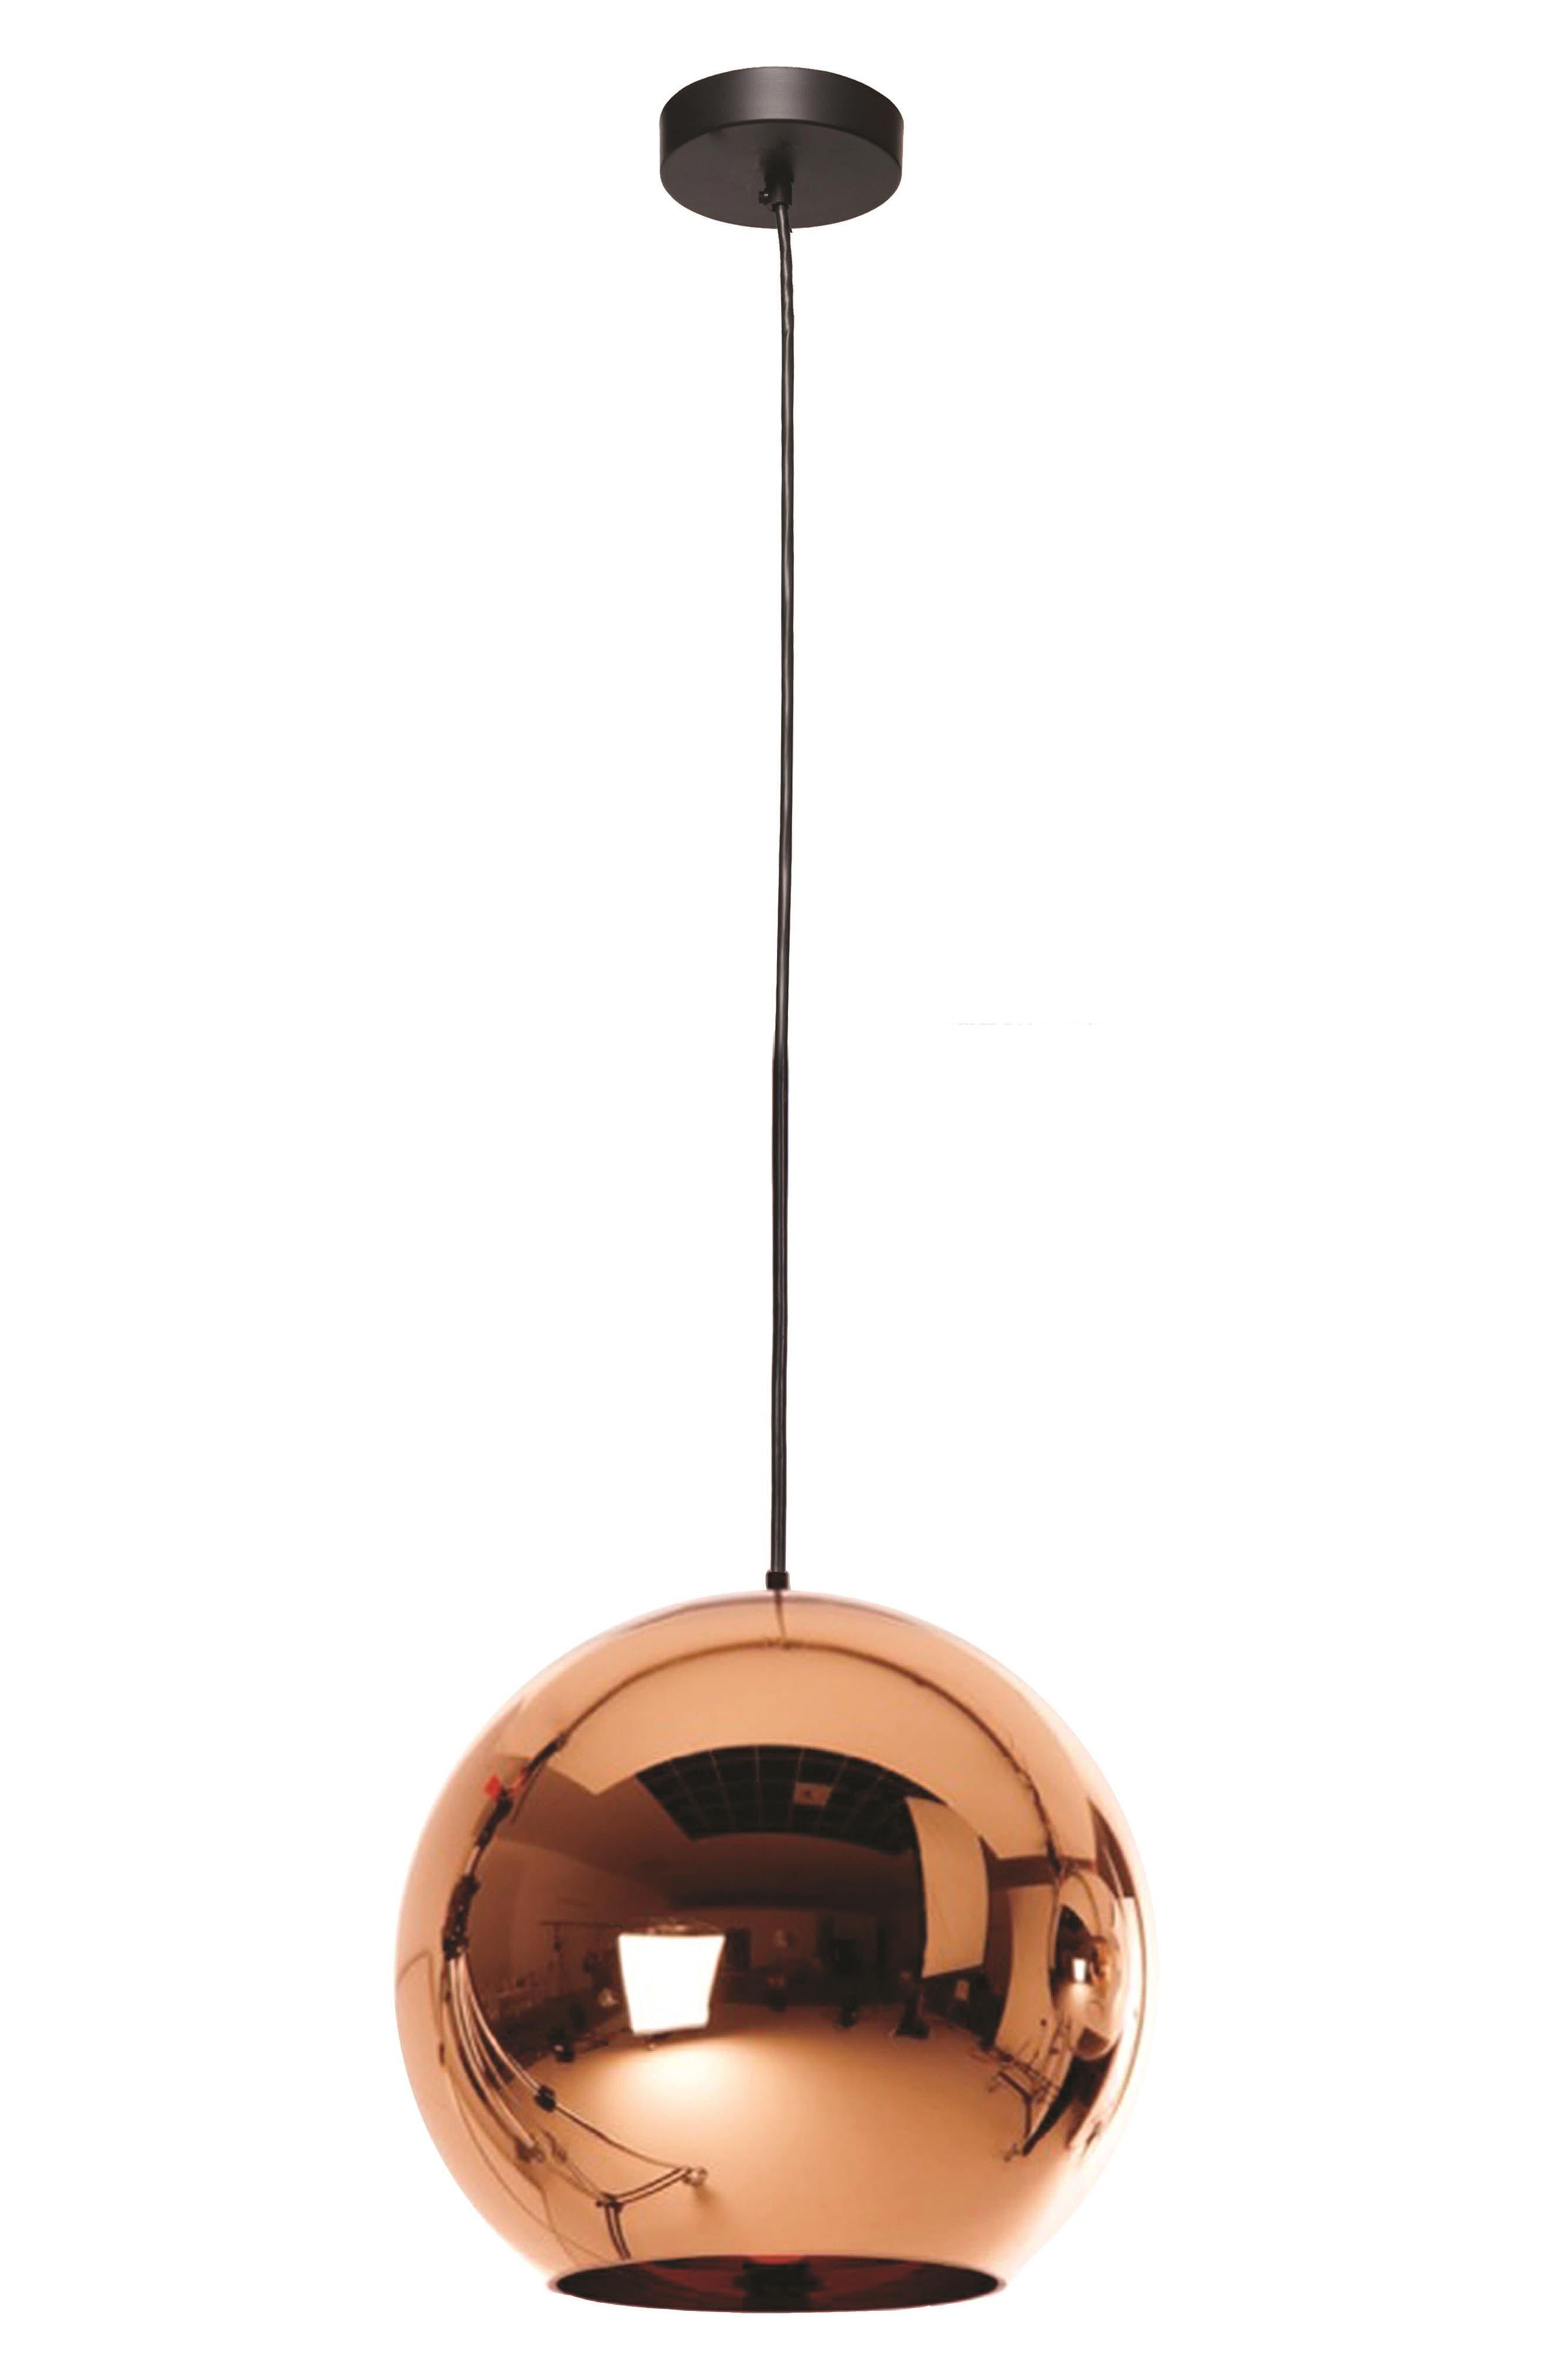 Copper Ceiling Light Fixture,                         Main,                         color, COPPER